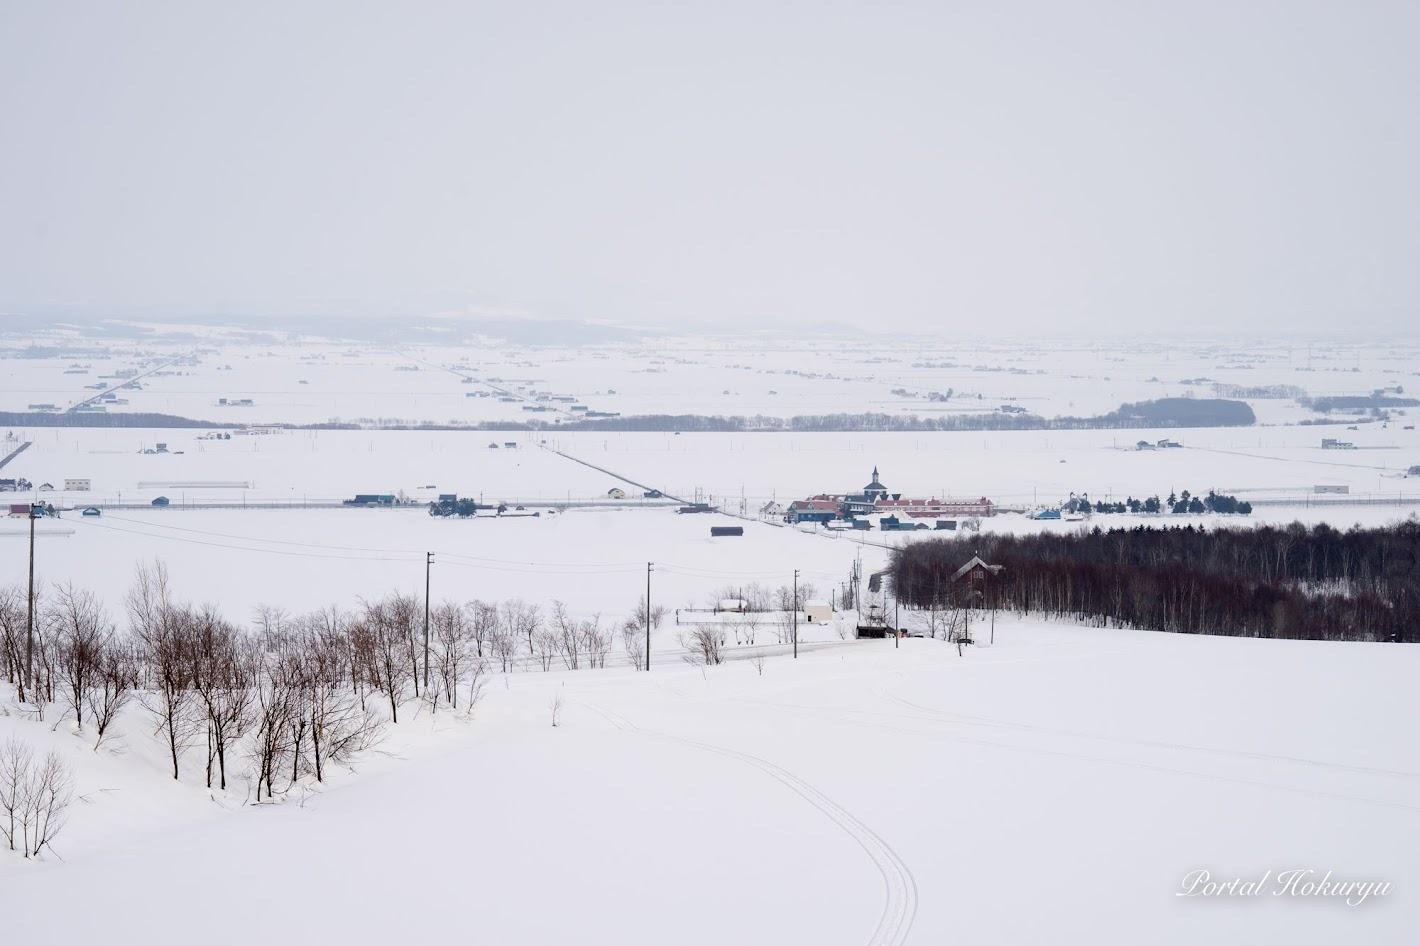 眺望の丘からの風景